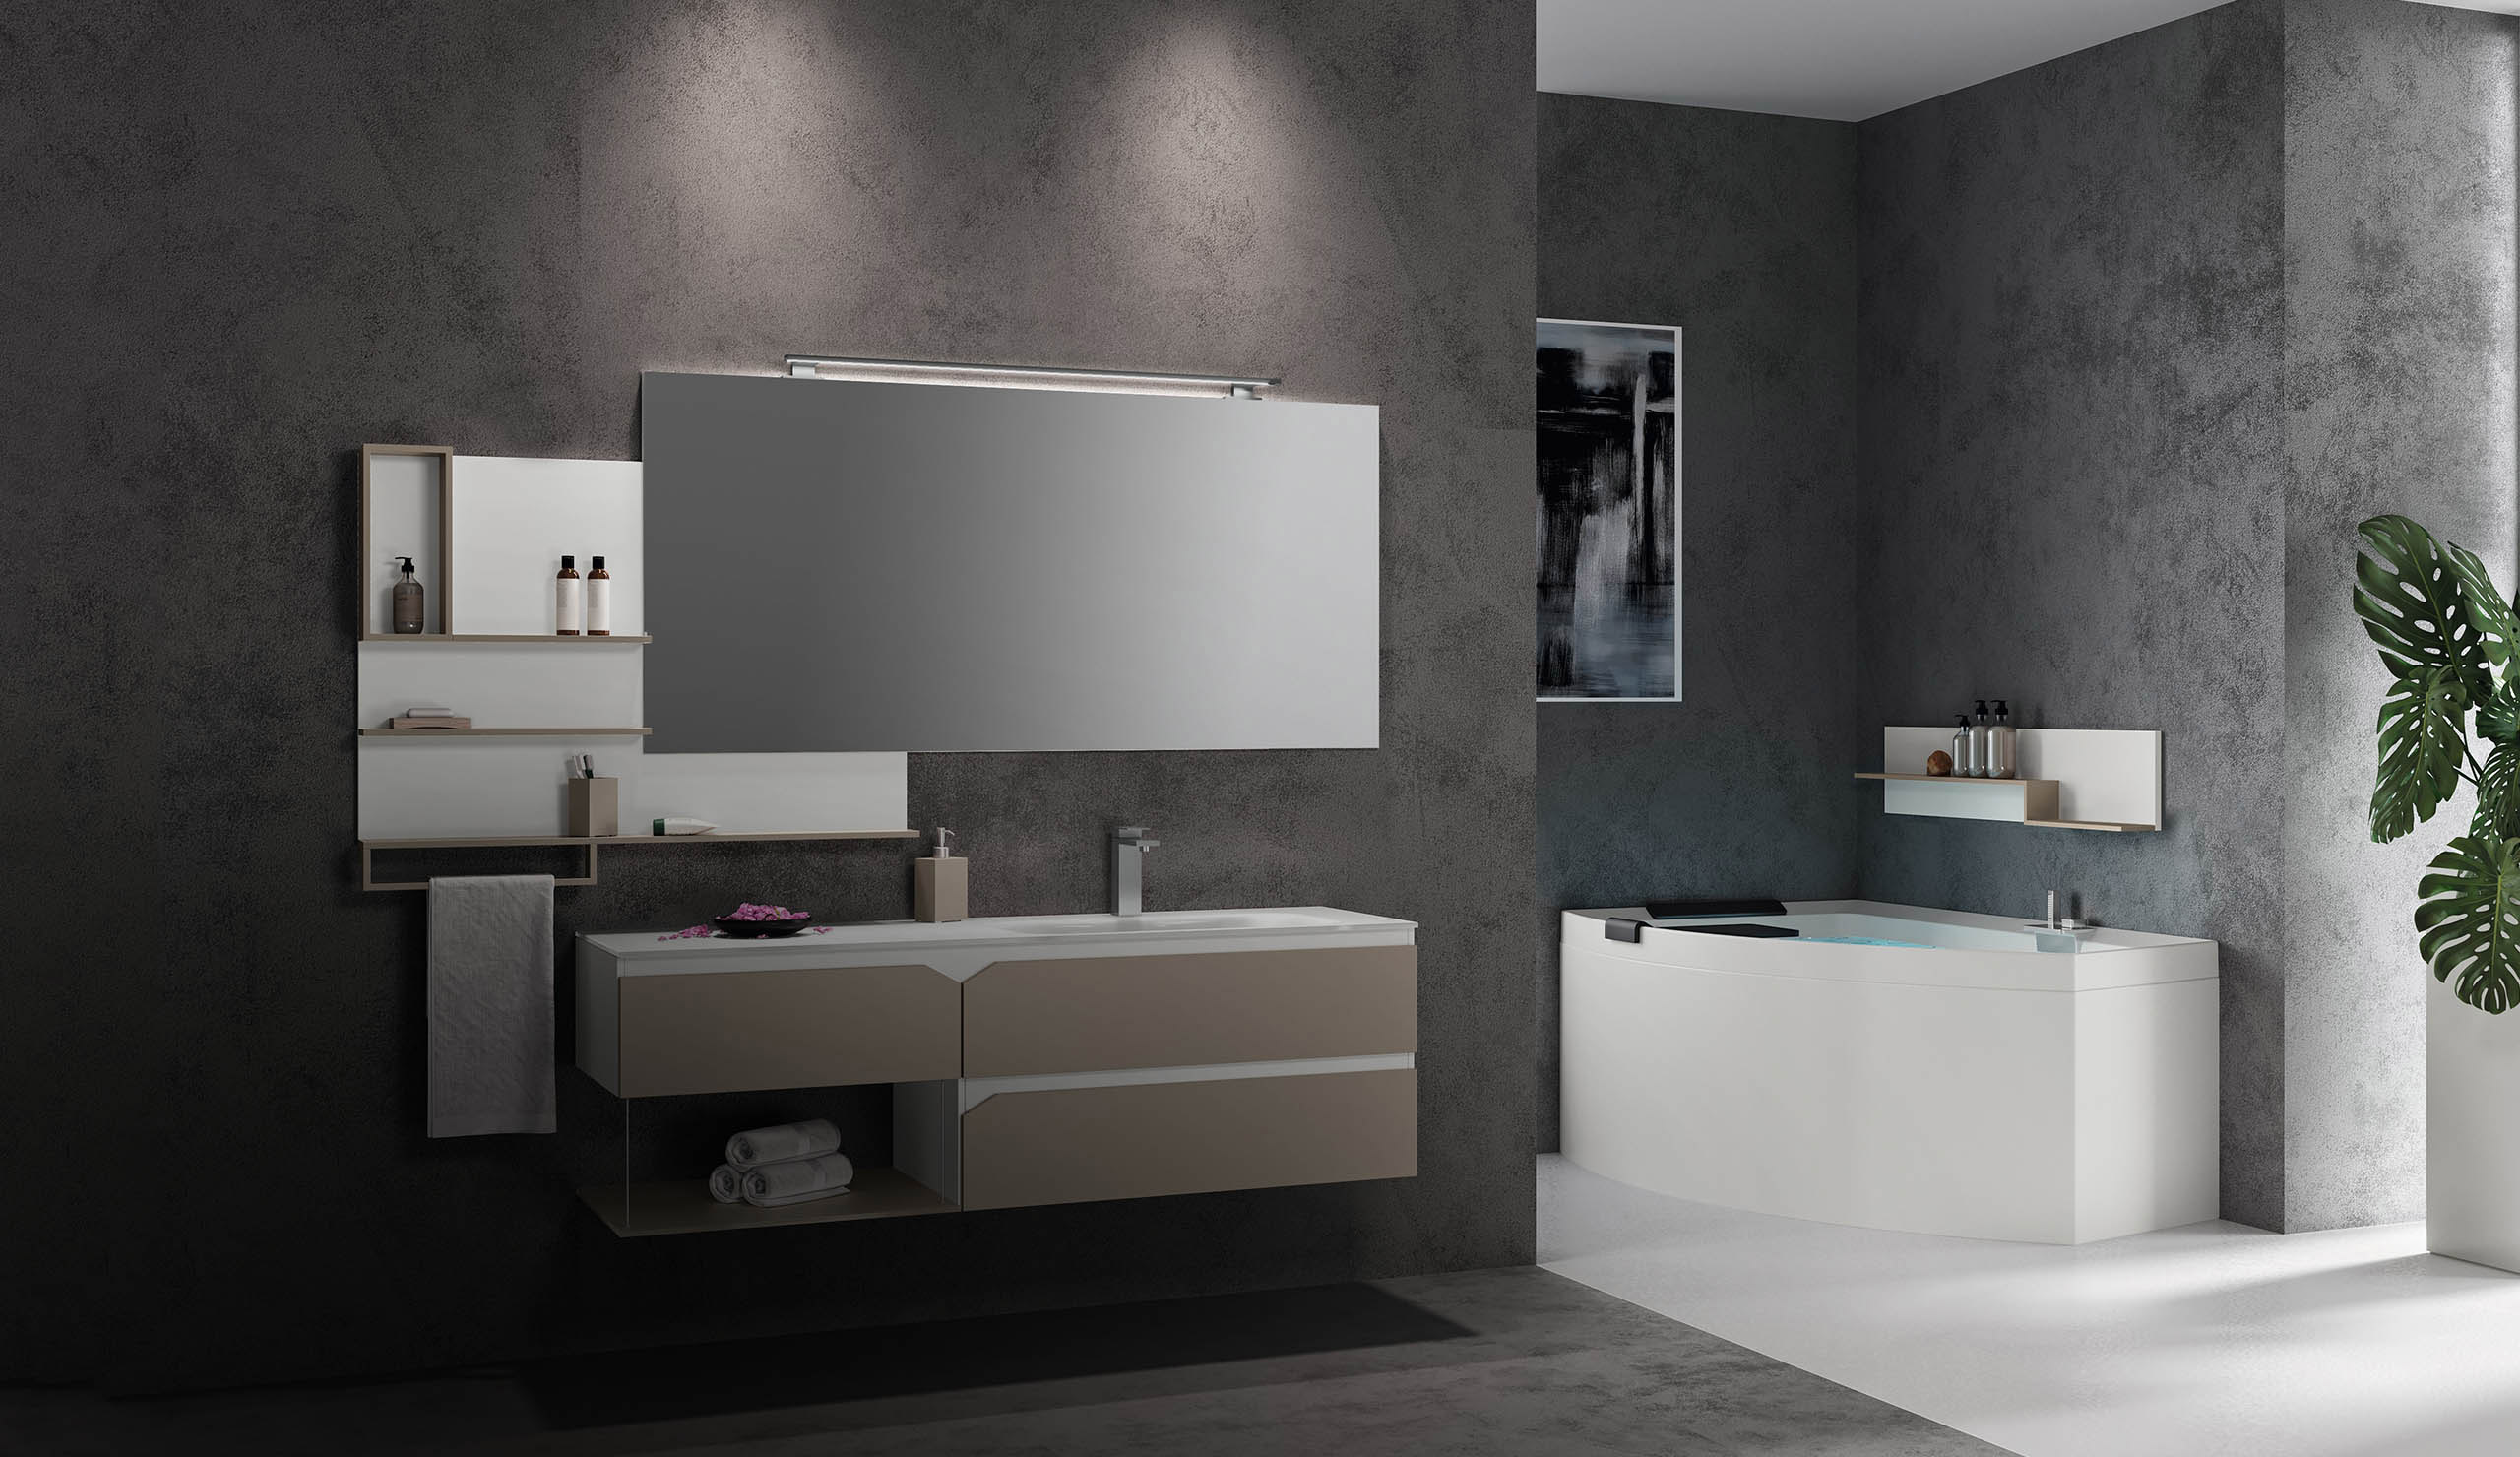 Vasca Da Bagno The Sims Mobile : Iotti mobili da bagno mobili da bagno edilceramiche di maccanò